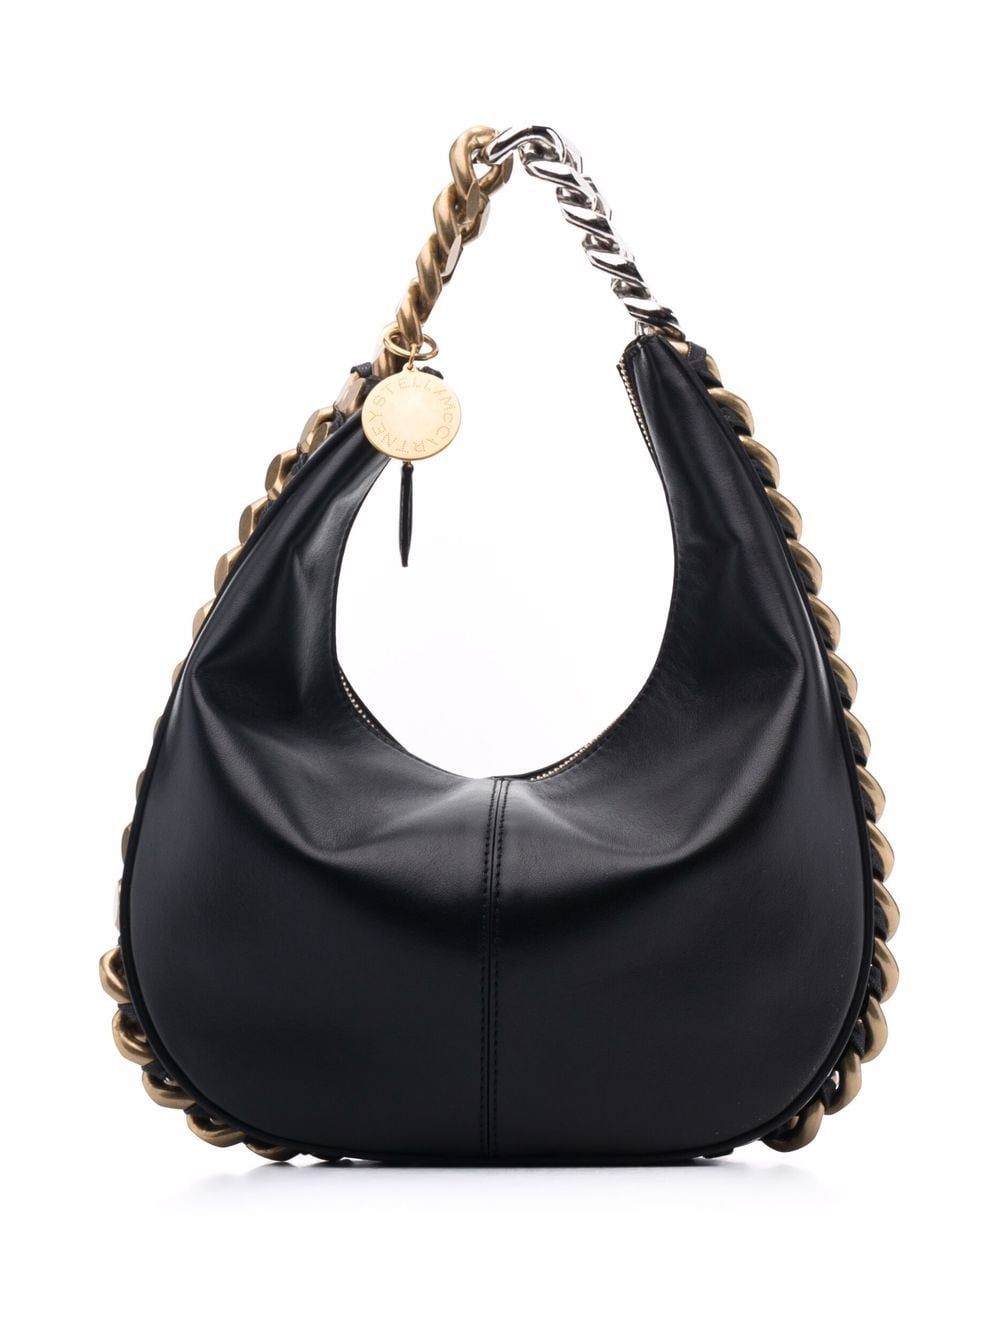 Stella McCartney Handtasche mit Kettenriemen - Schwarz